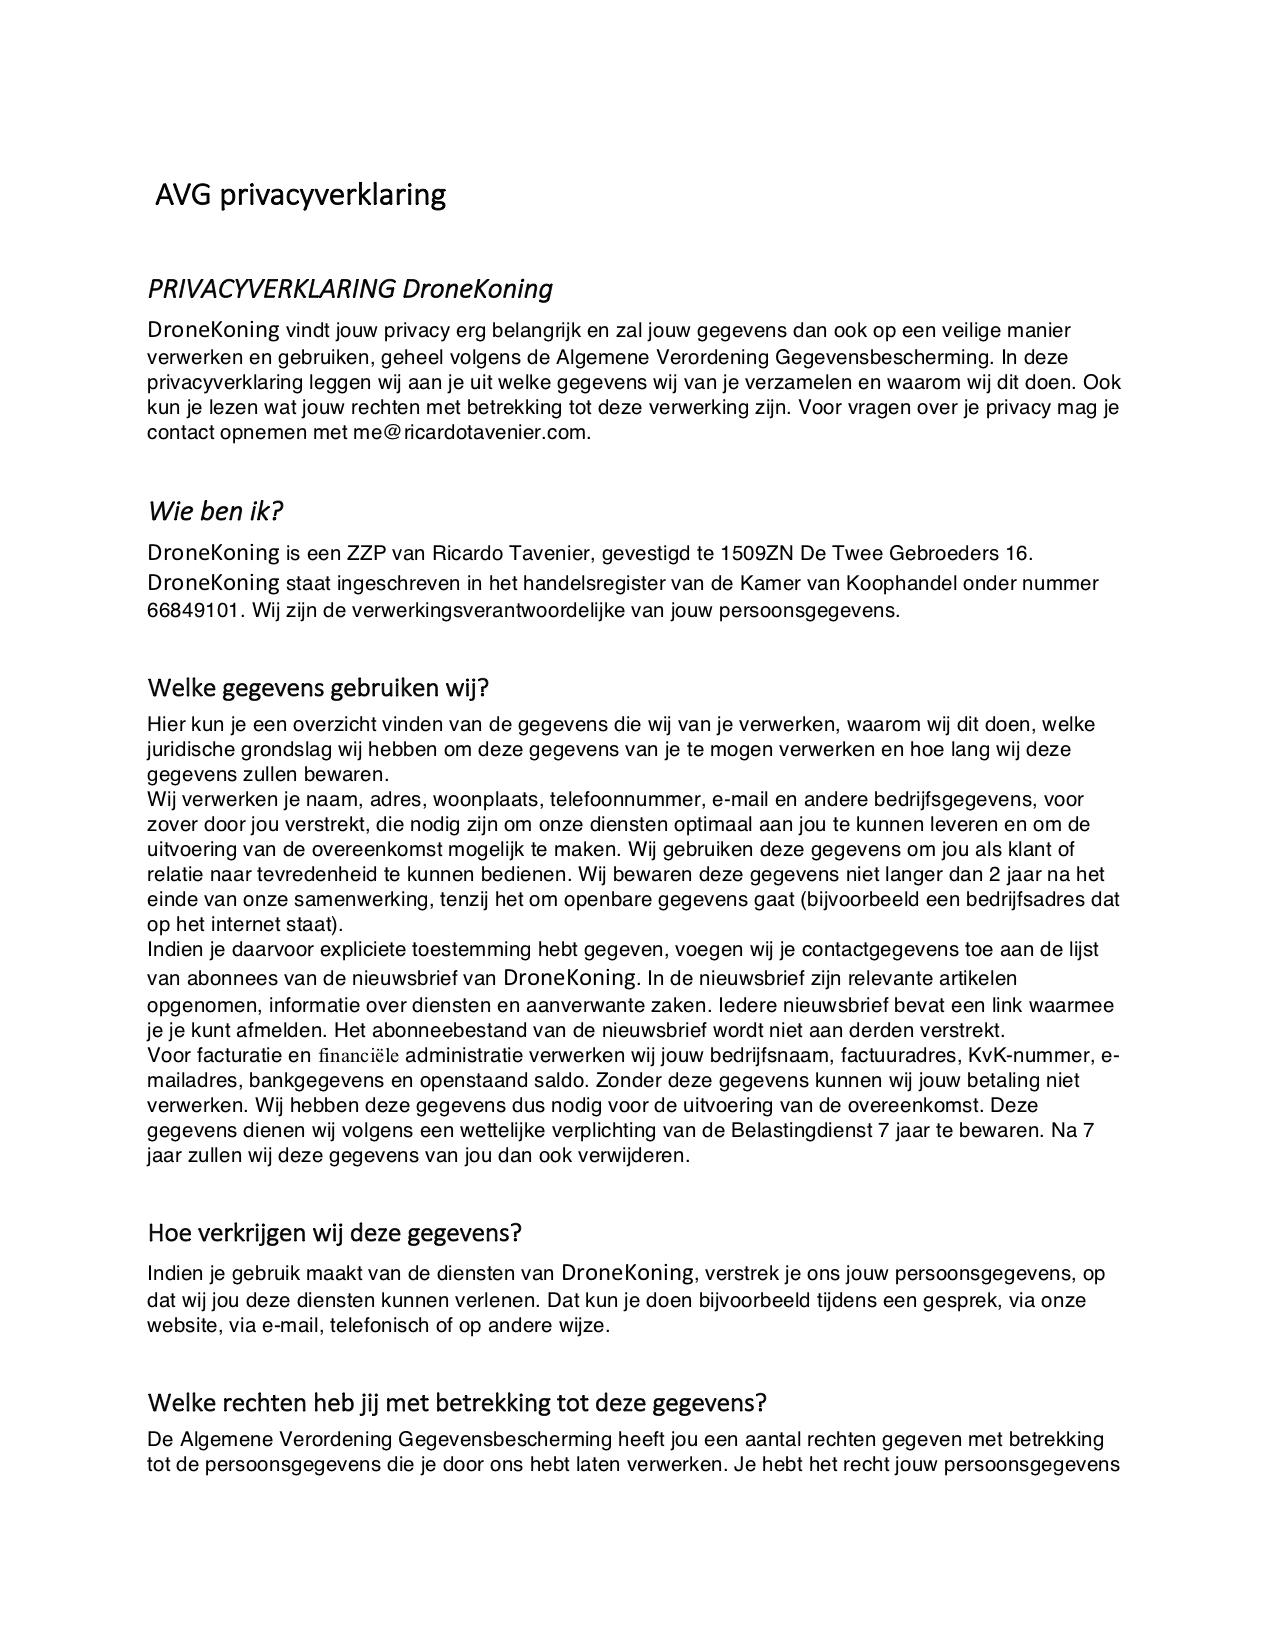 bedrijfs_privacyverklaring dronekoning.jpg